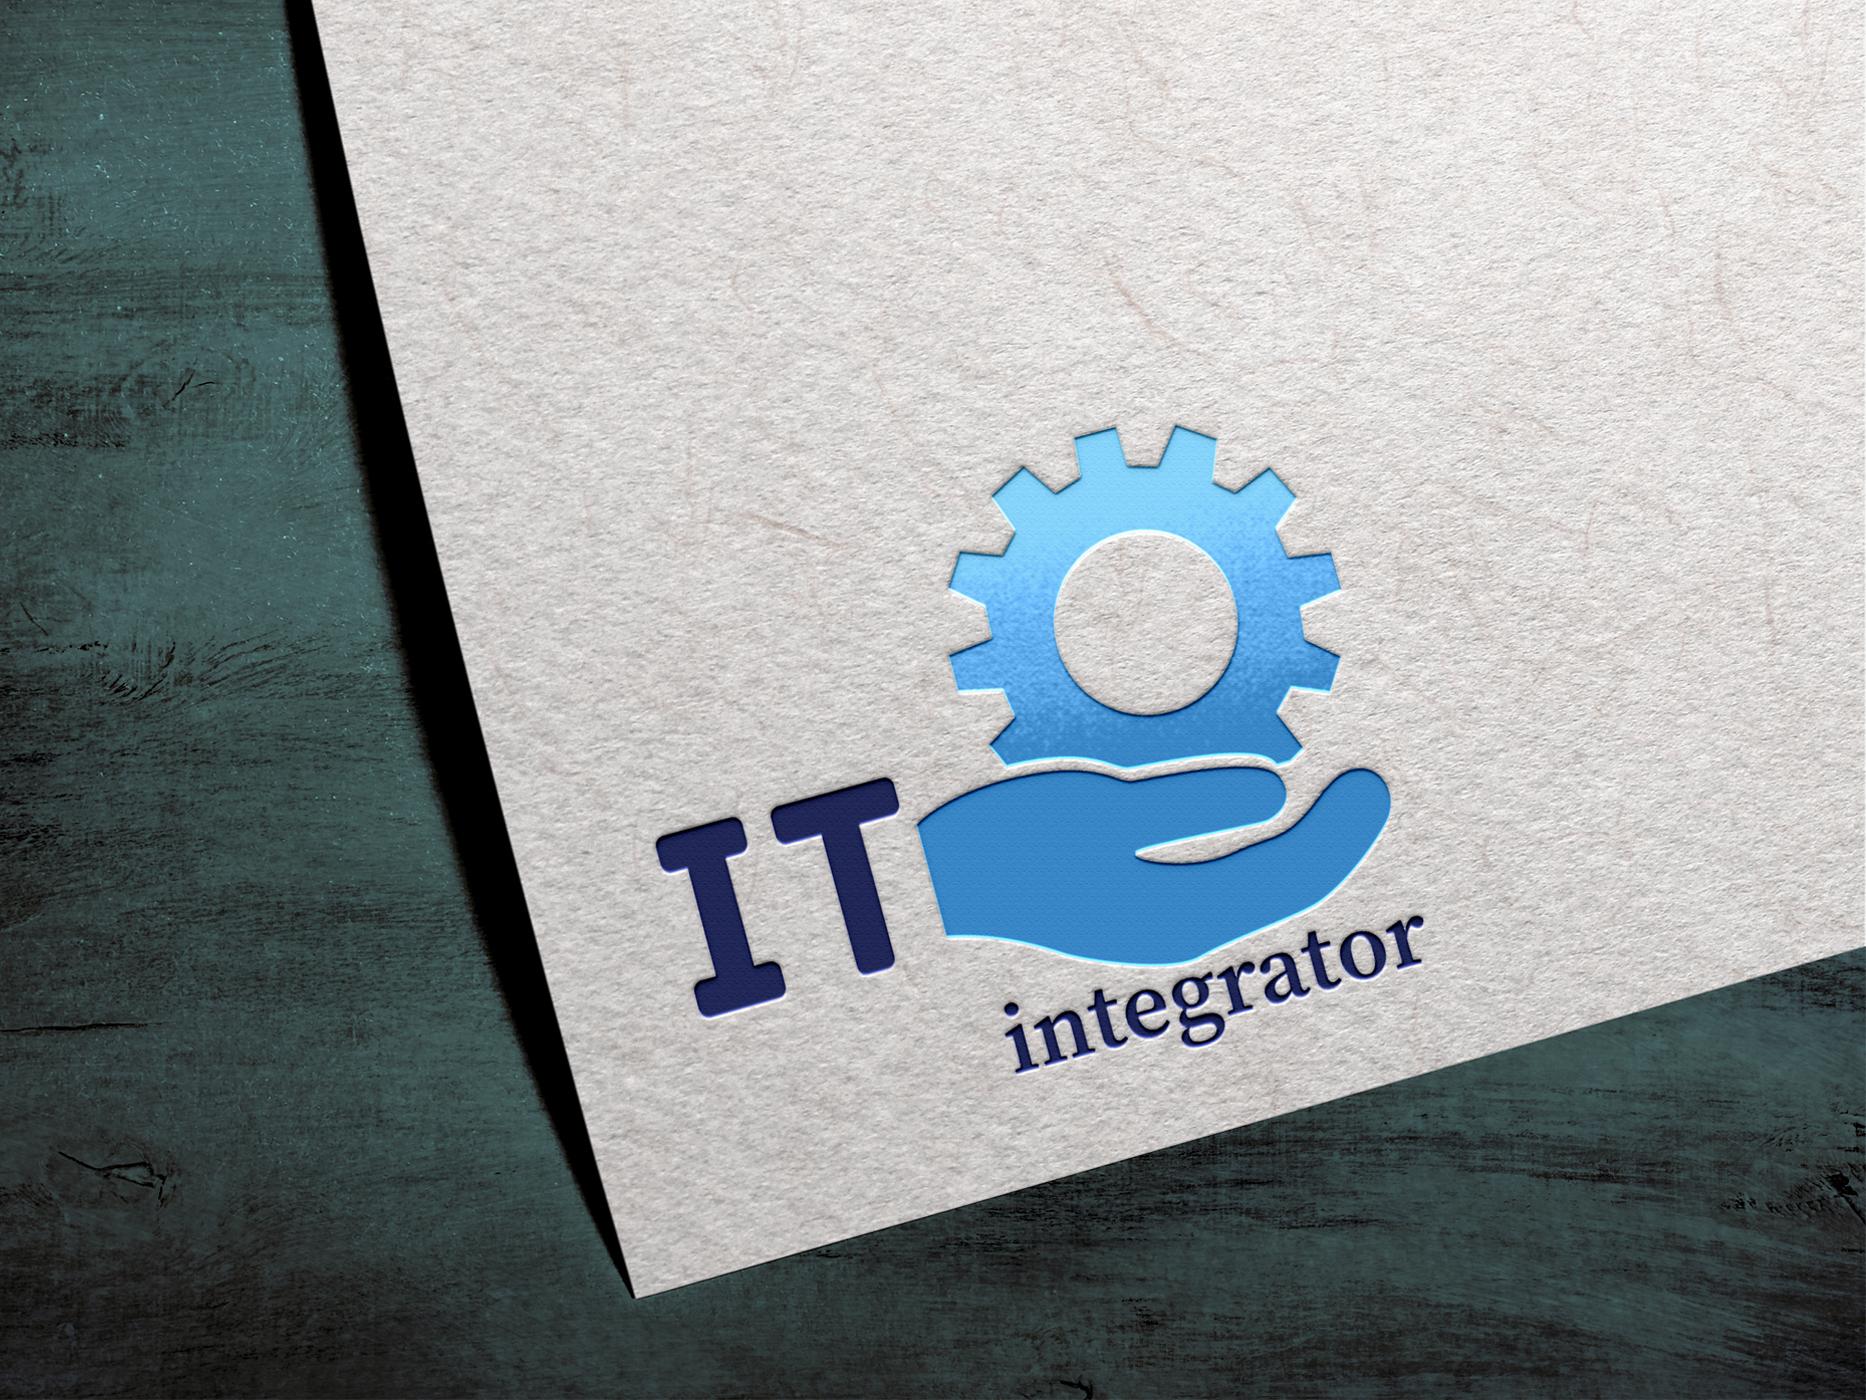 Логотип для IT интегратора фото f_950614a33b7f1dd2.jpg